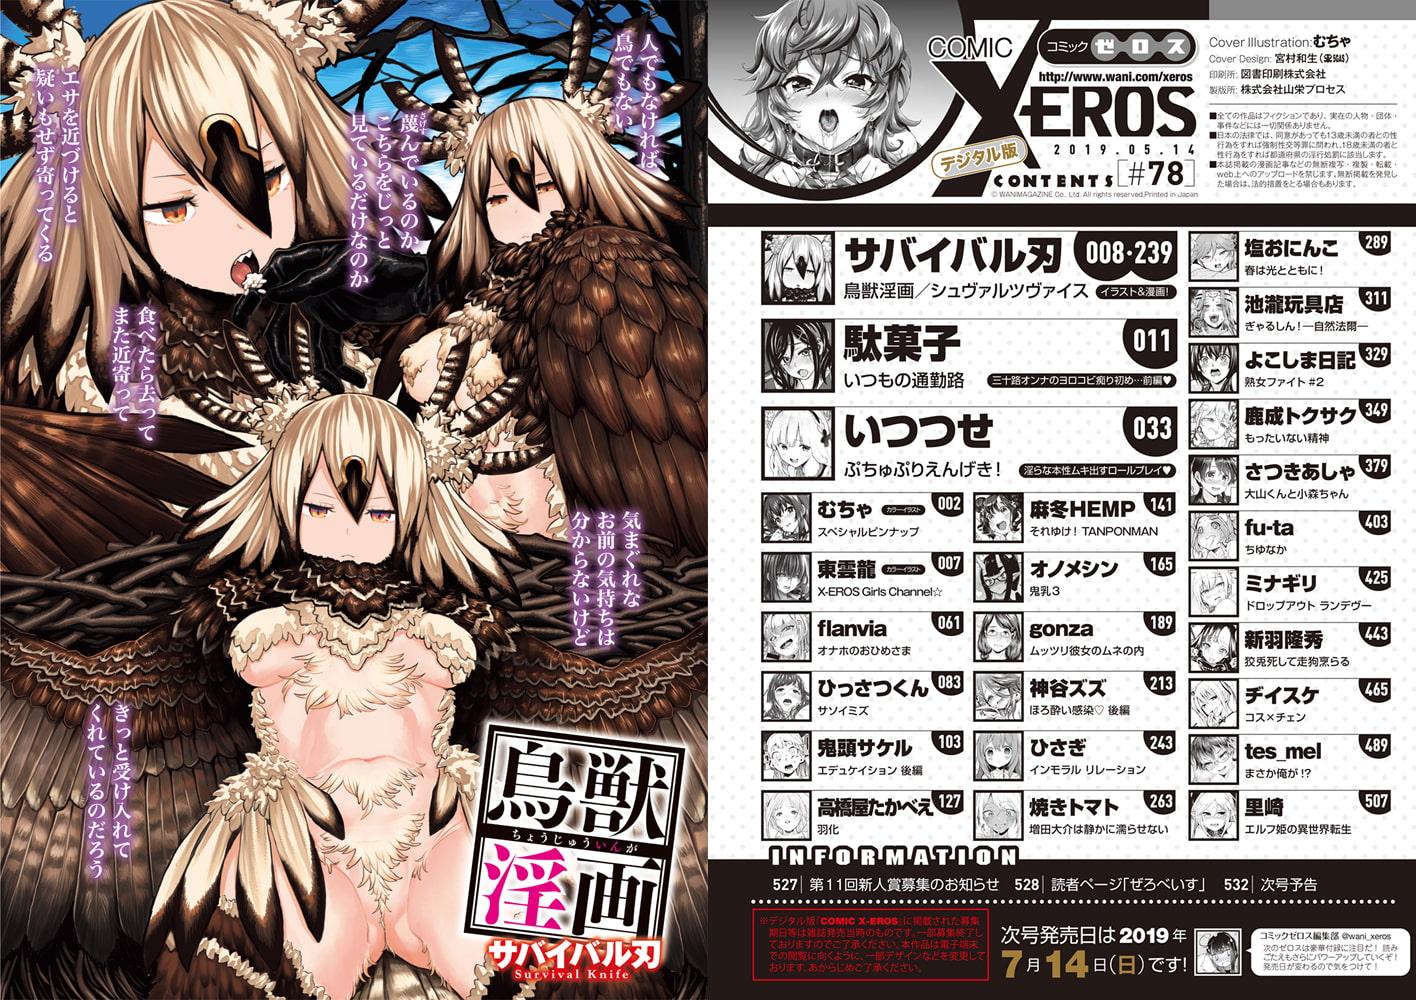 COMIC X-EROS #78